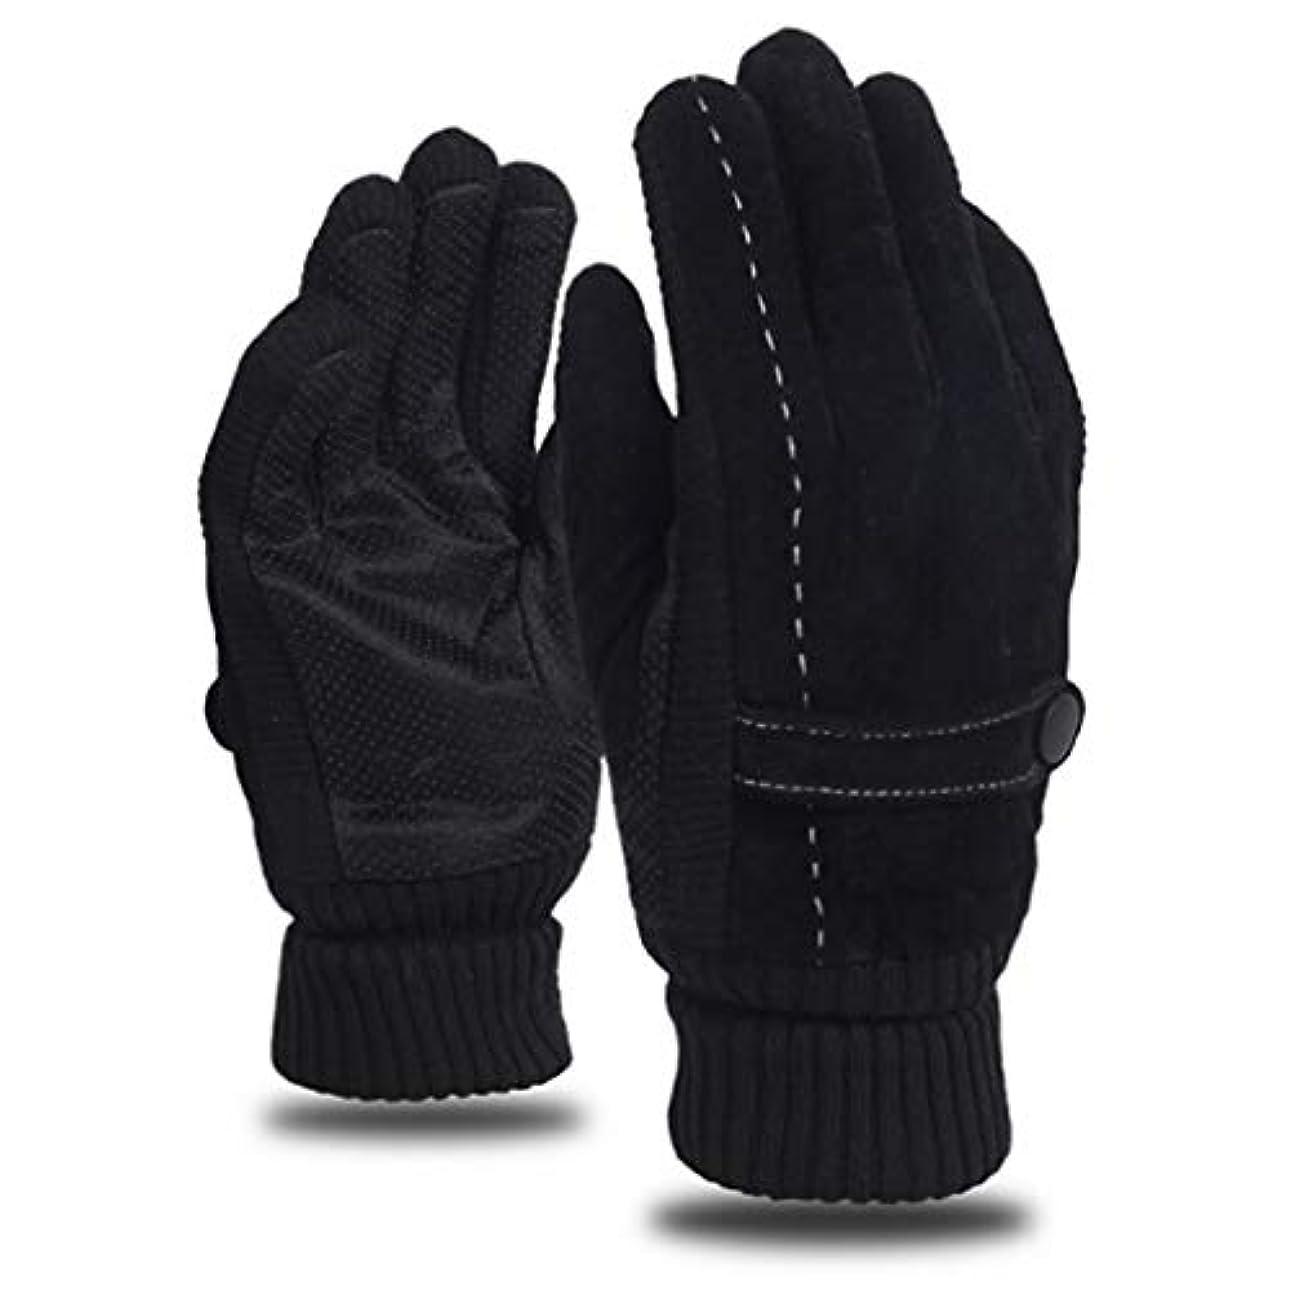 乱闘分岐する明るいレザーグローブメンズウィンライディングプラスベルベット厚手暖かいドライビングアウトドアオートバイ防風コールドノンスリップメンズコットン手袋 (色 : 黒)